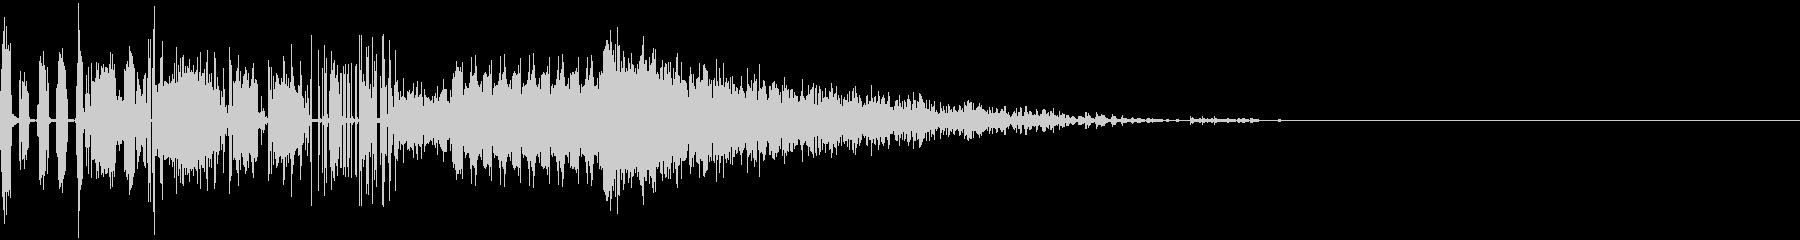 8bitな感じのゲームオーバー音の未再生の波形